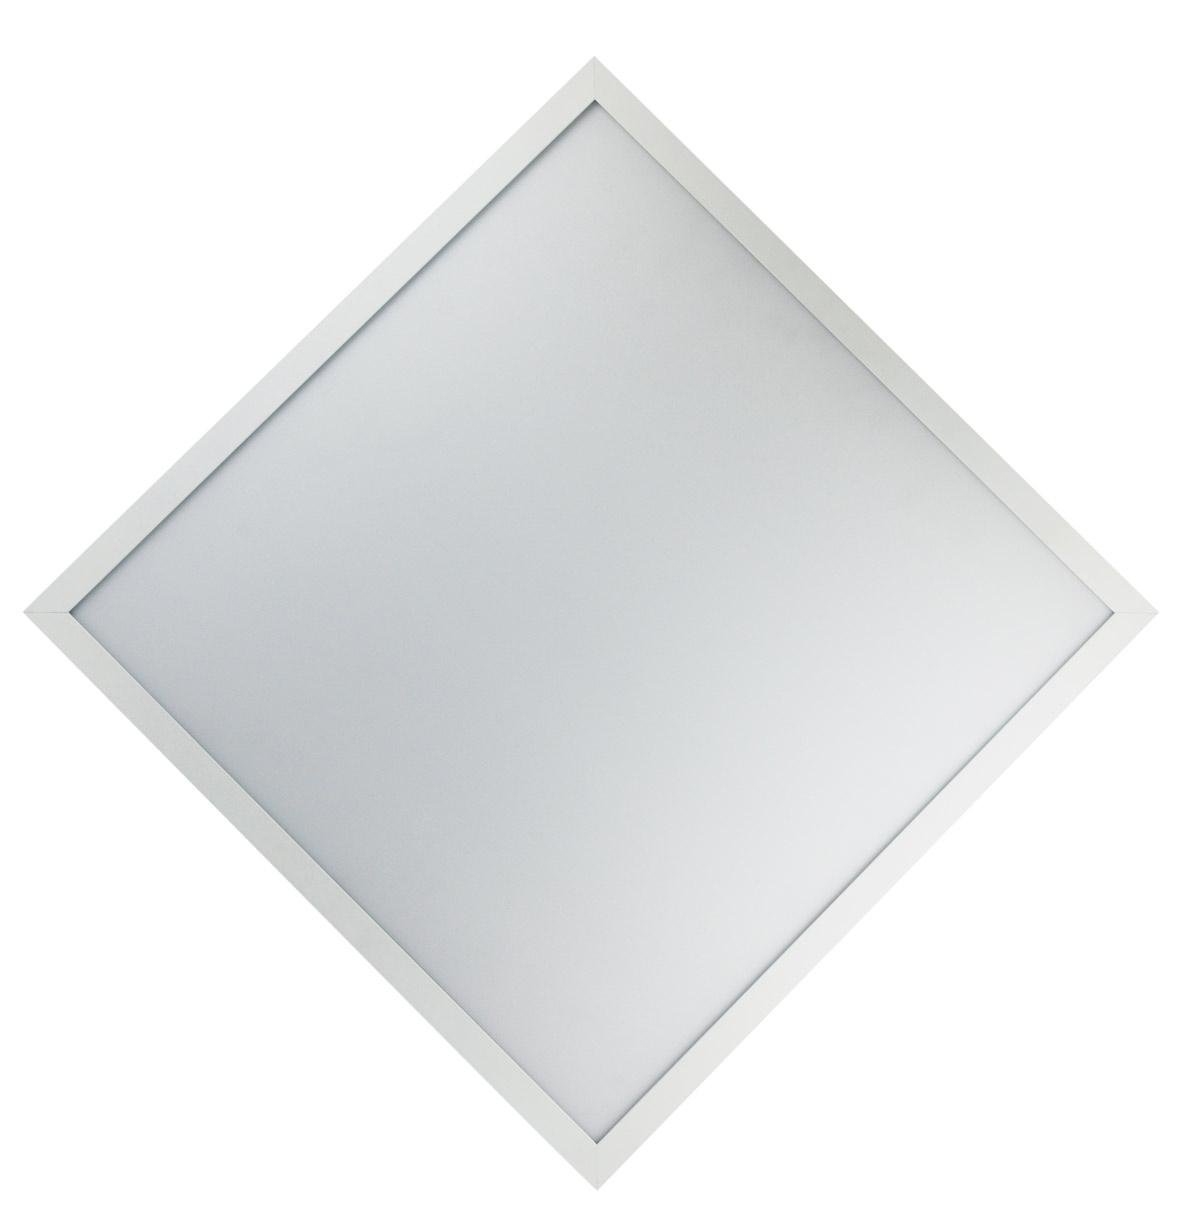 Mero Square Serie